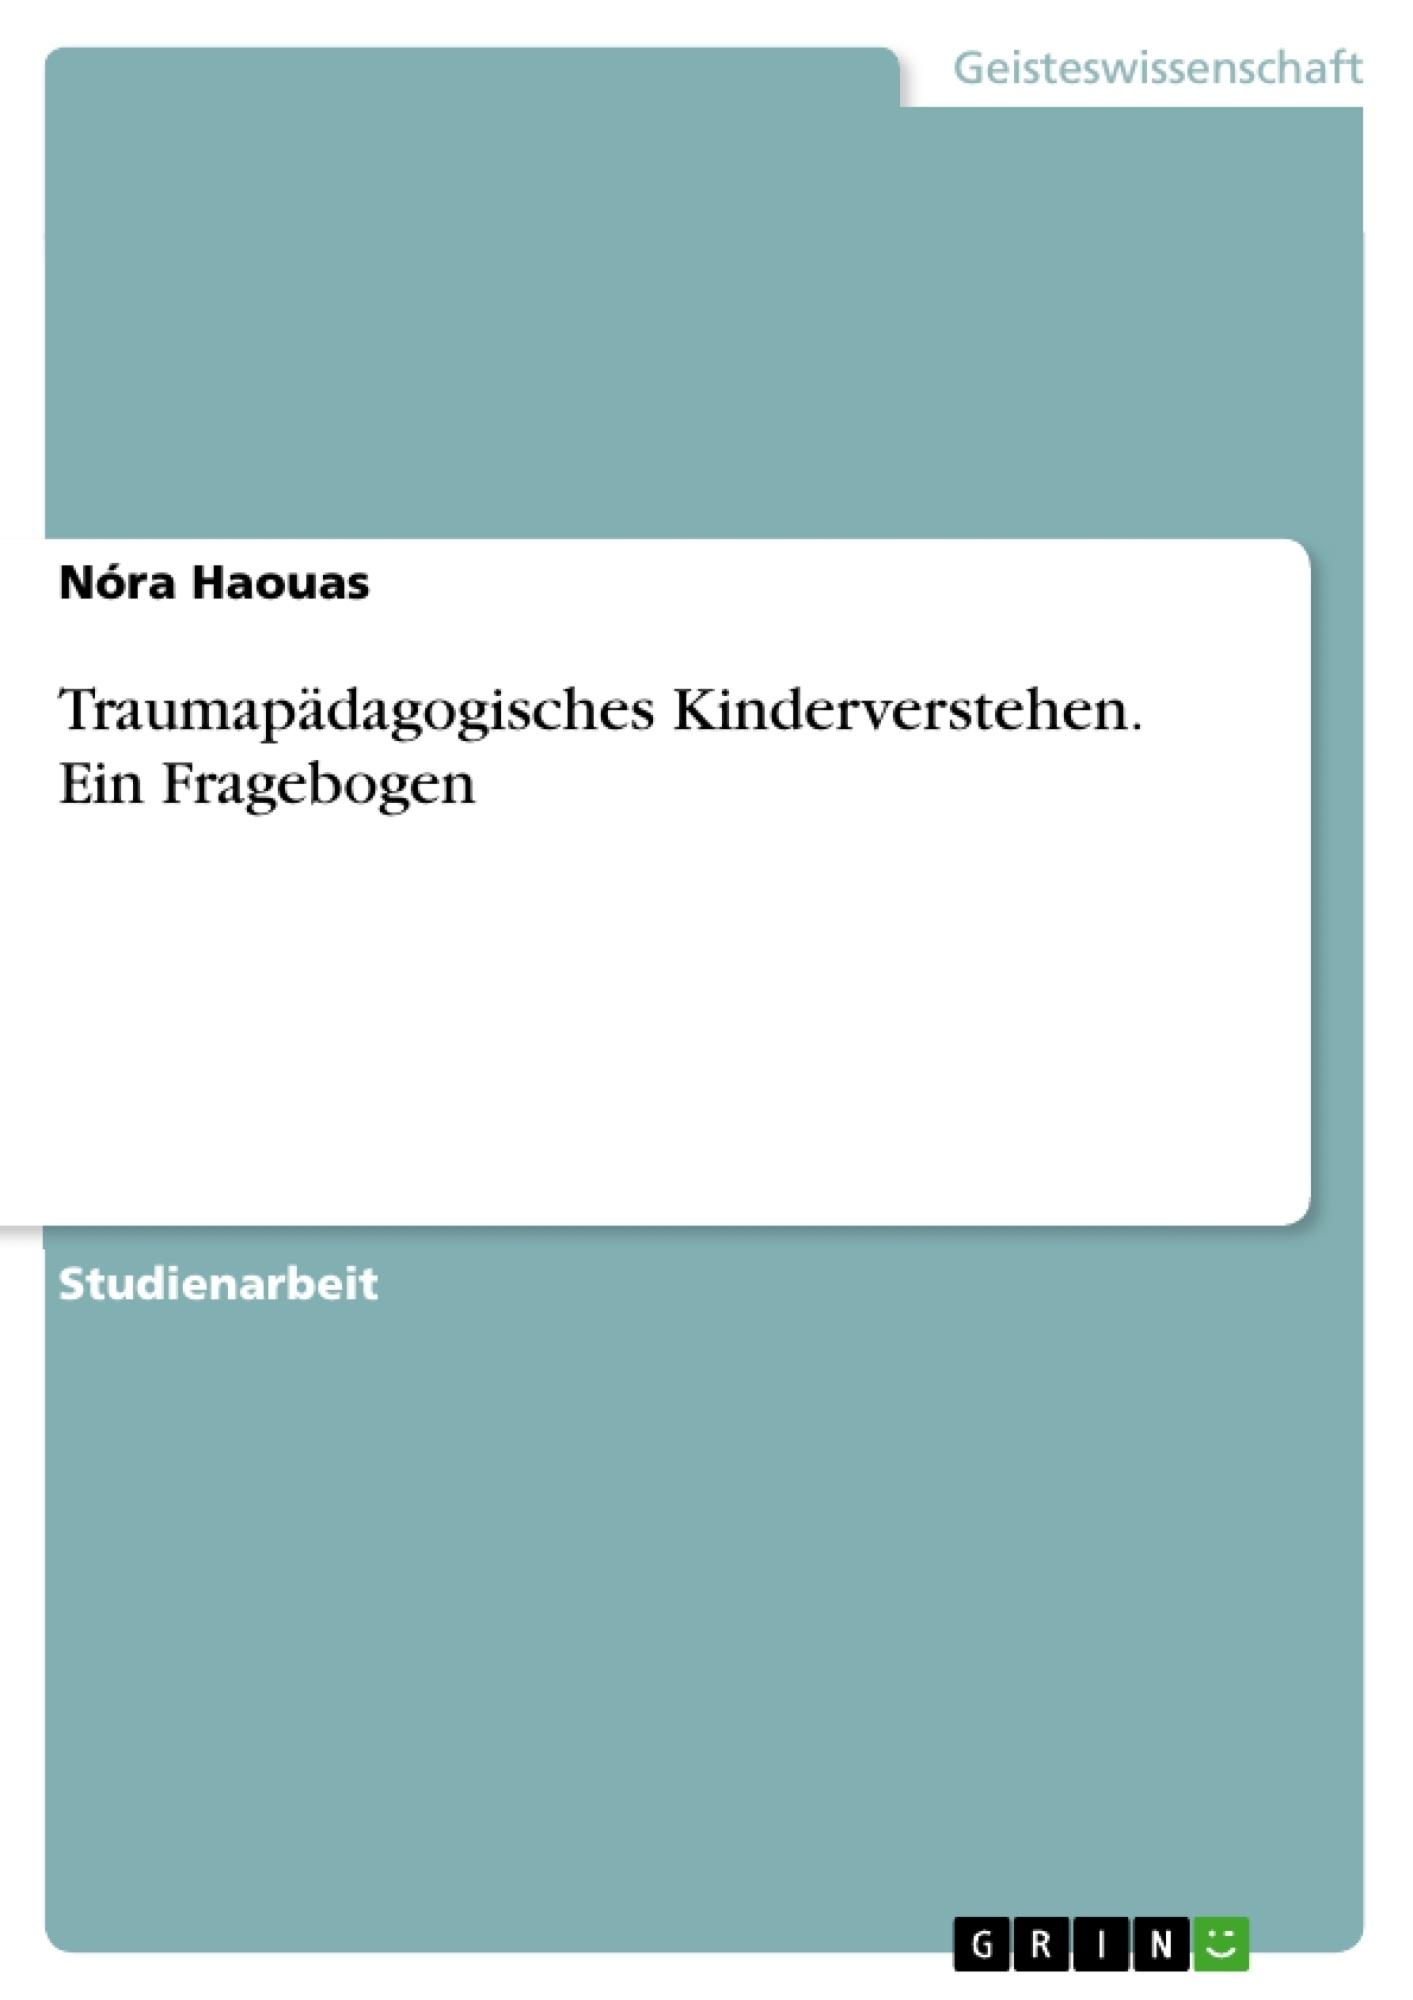 Titel: Traumapädagogisches Kinderverstehen. Ein Fragebogen